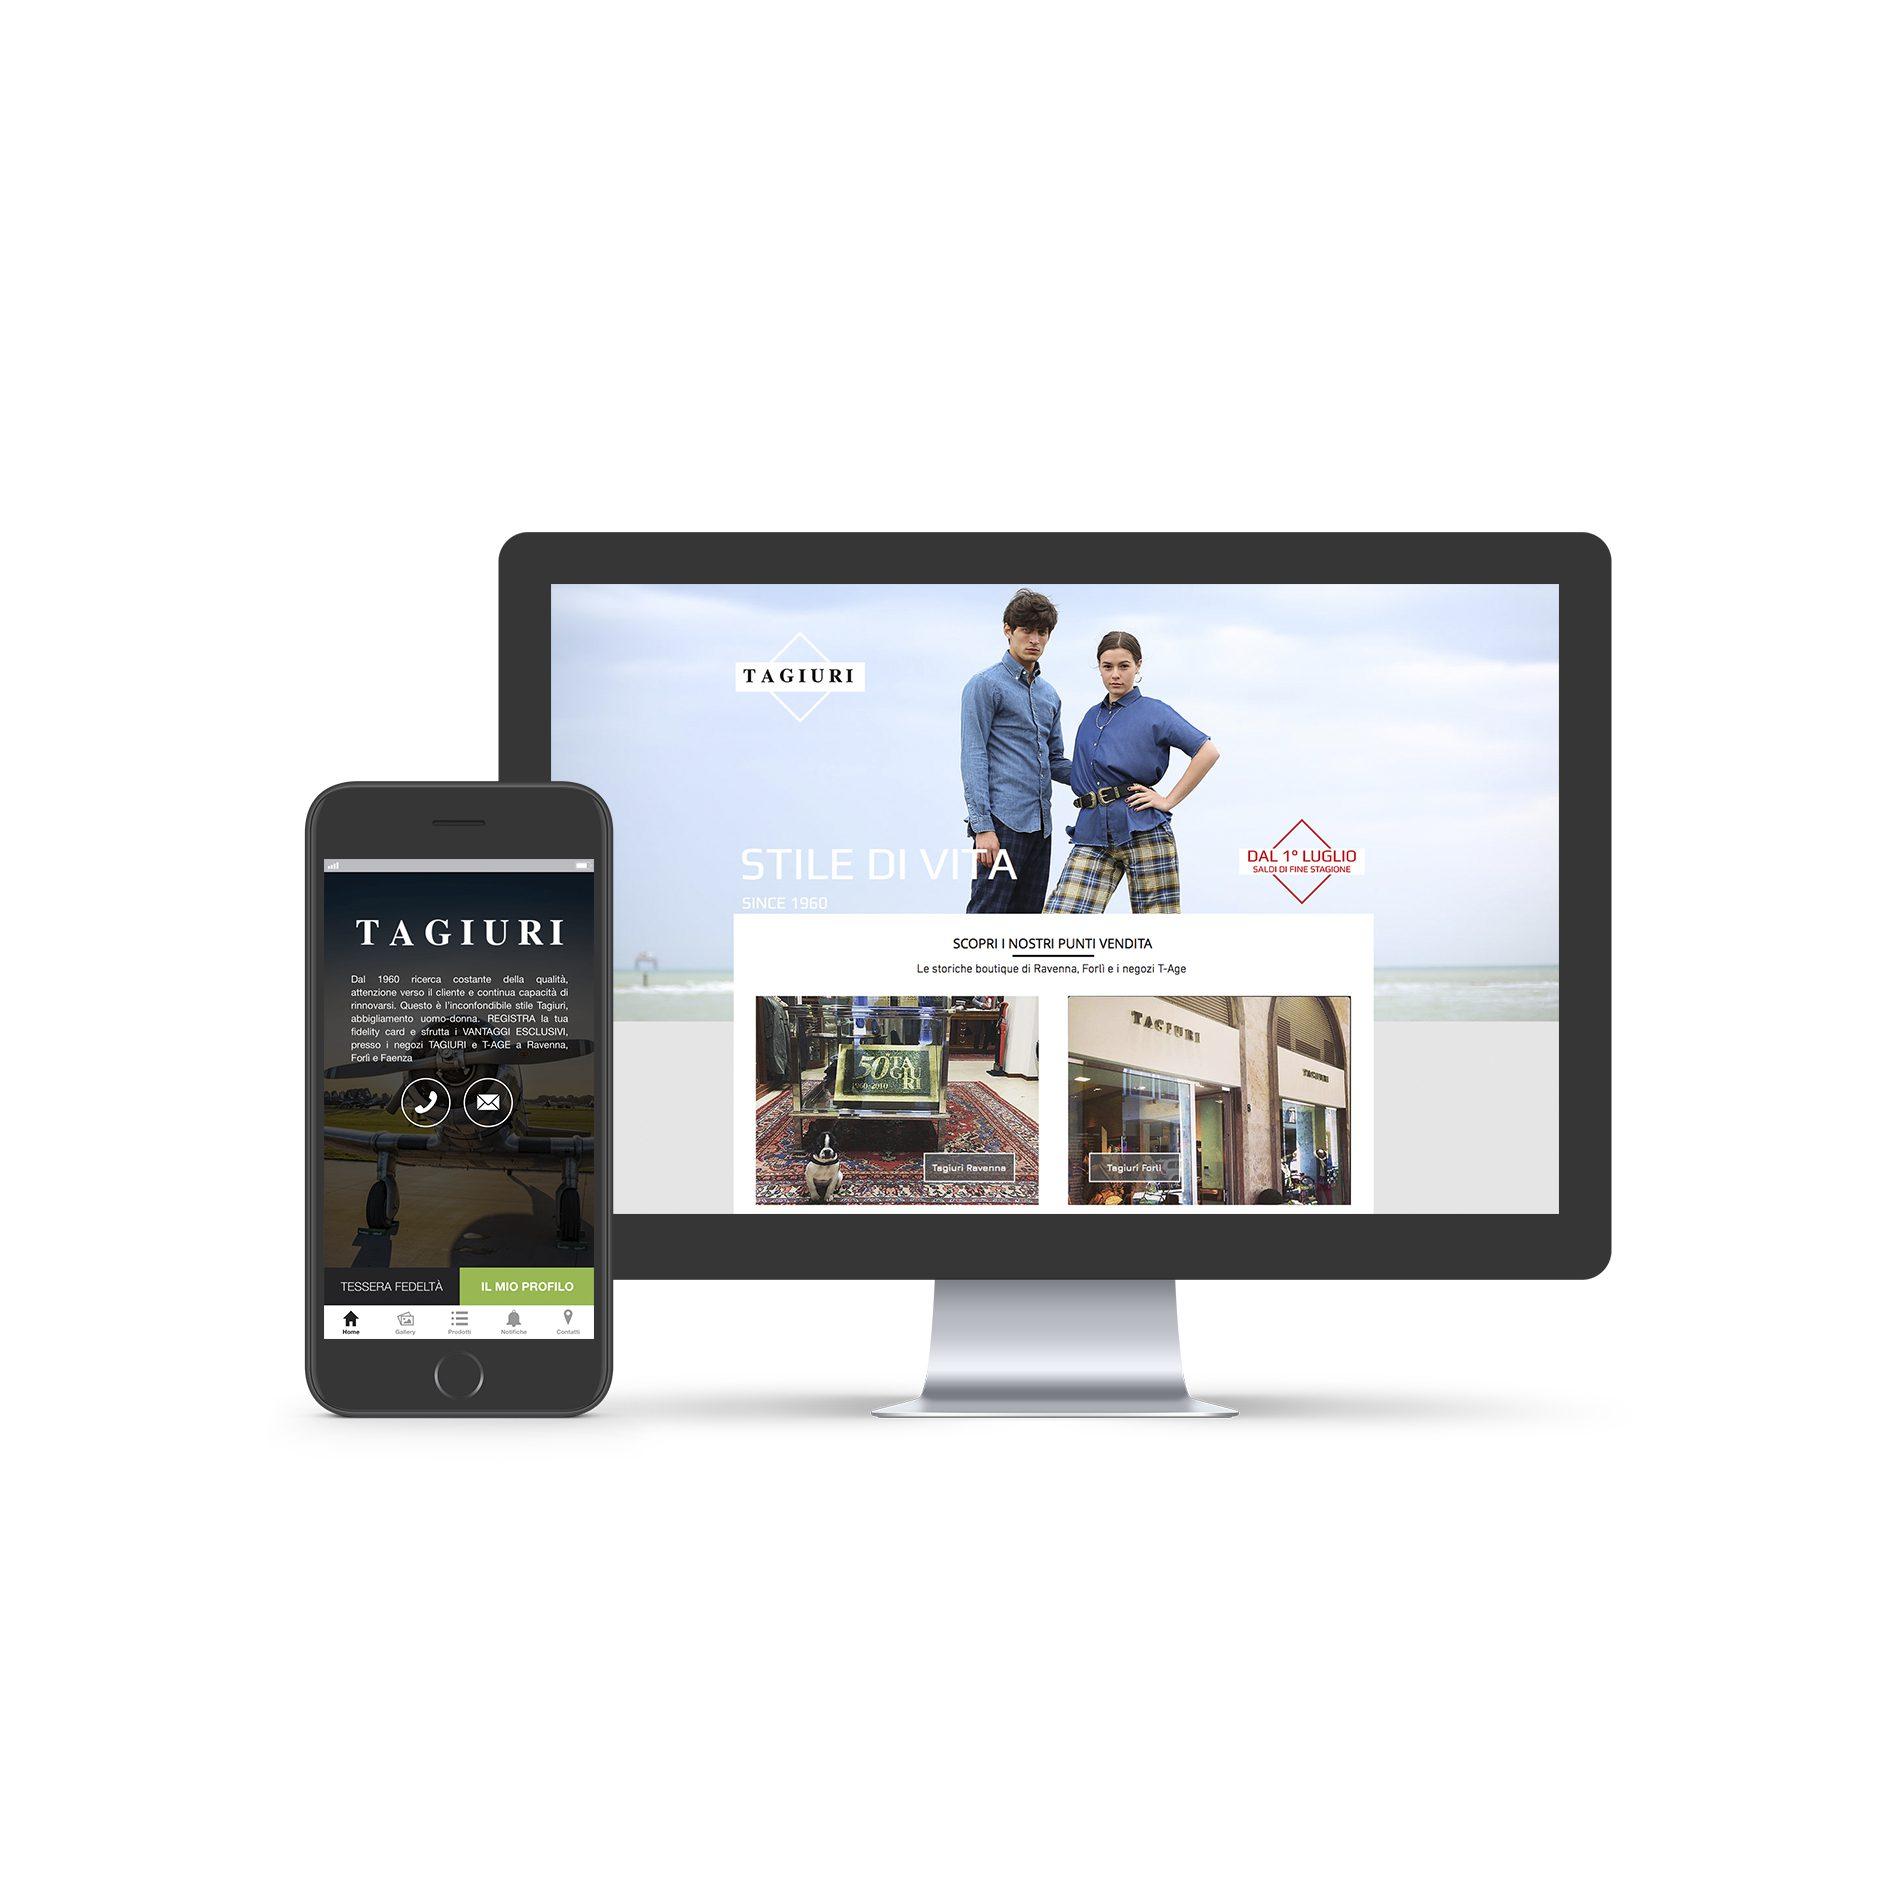 sito-web-tagiuri-e-mobile-app-tagiuri-store